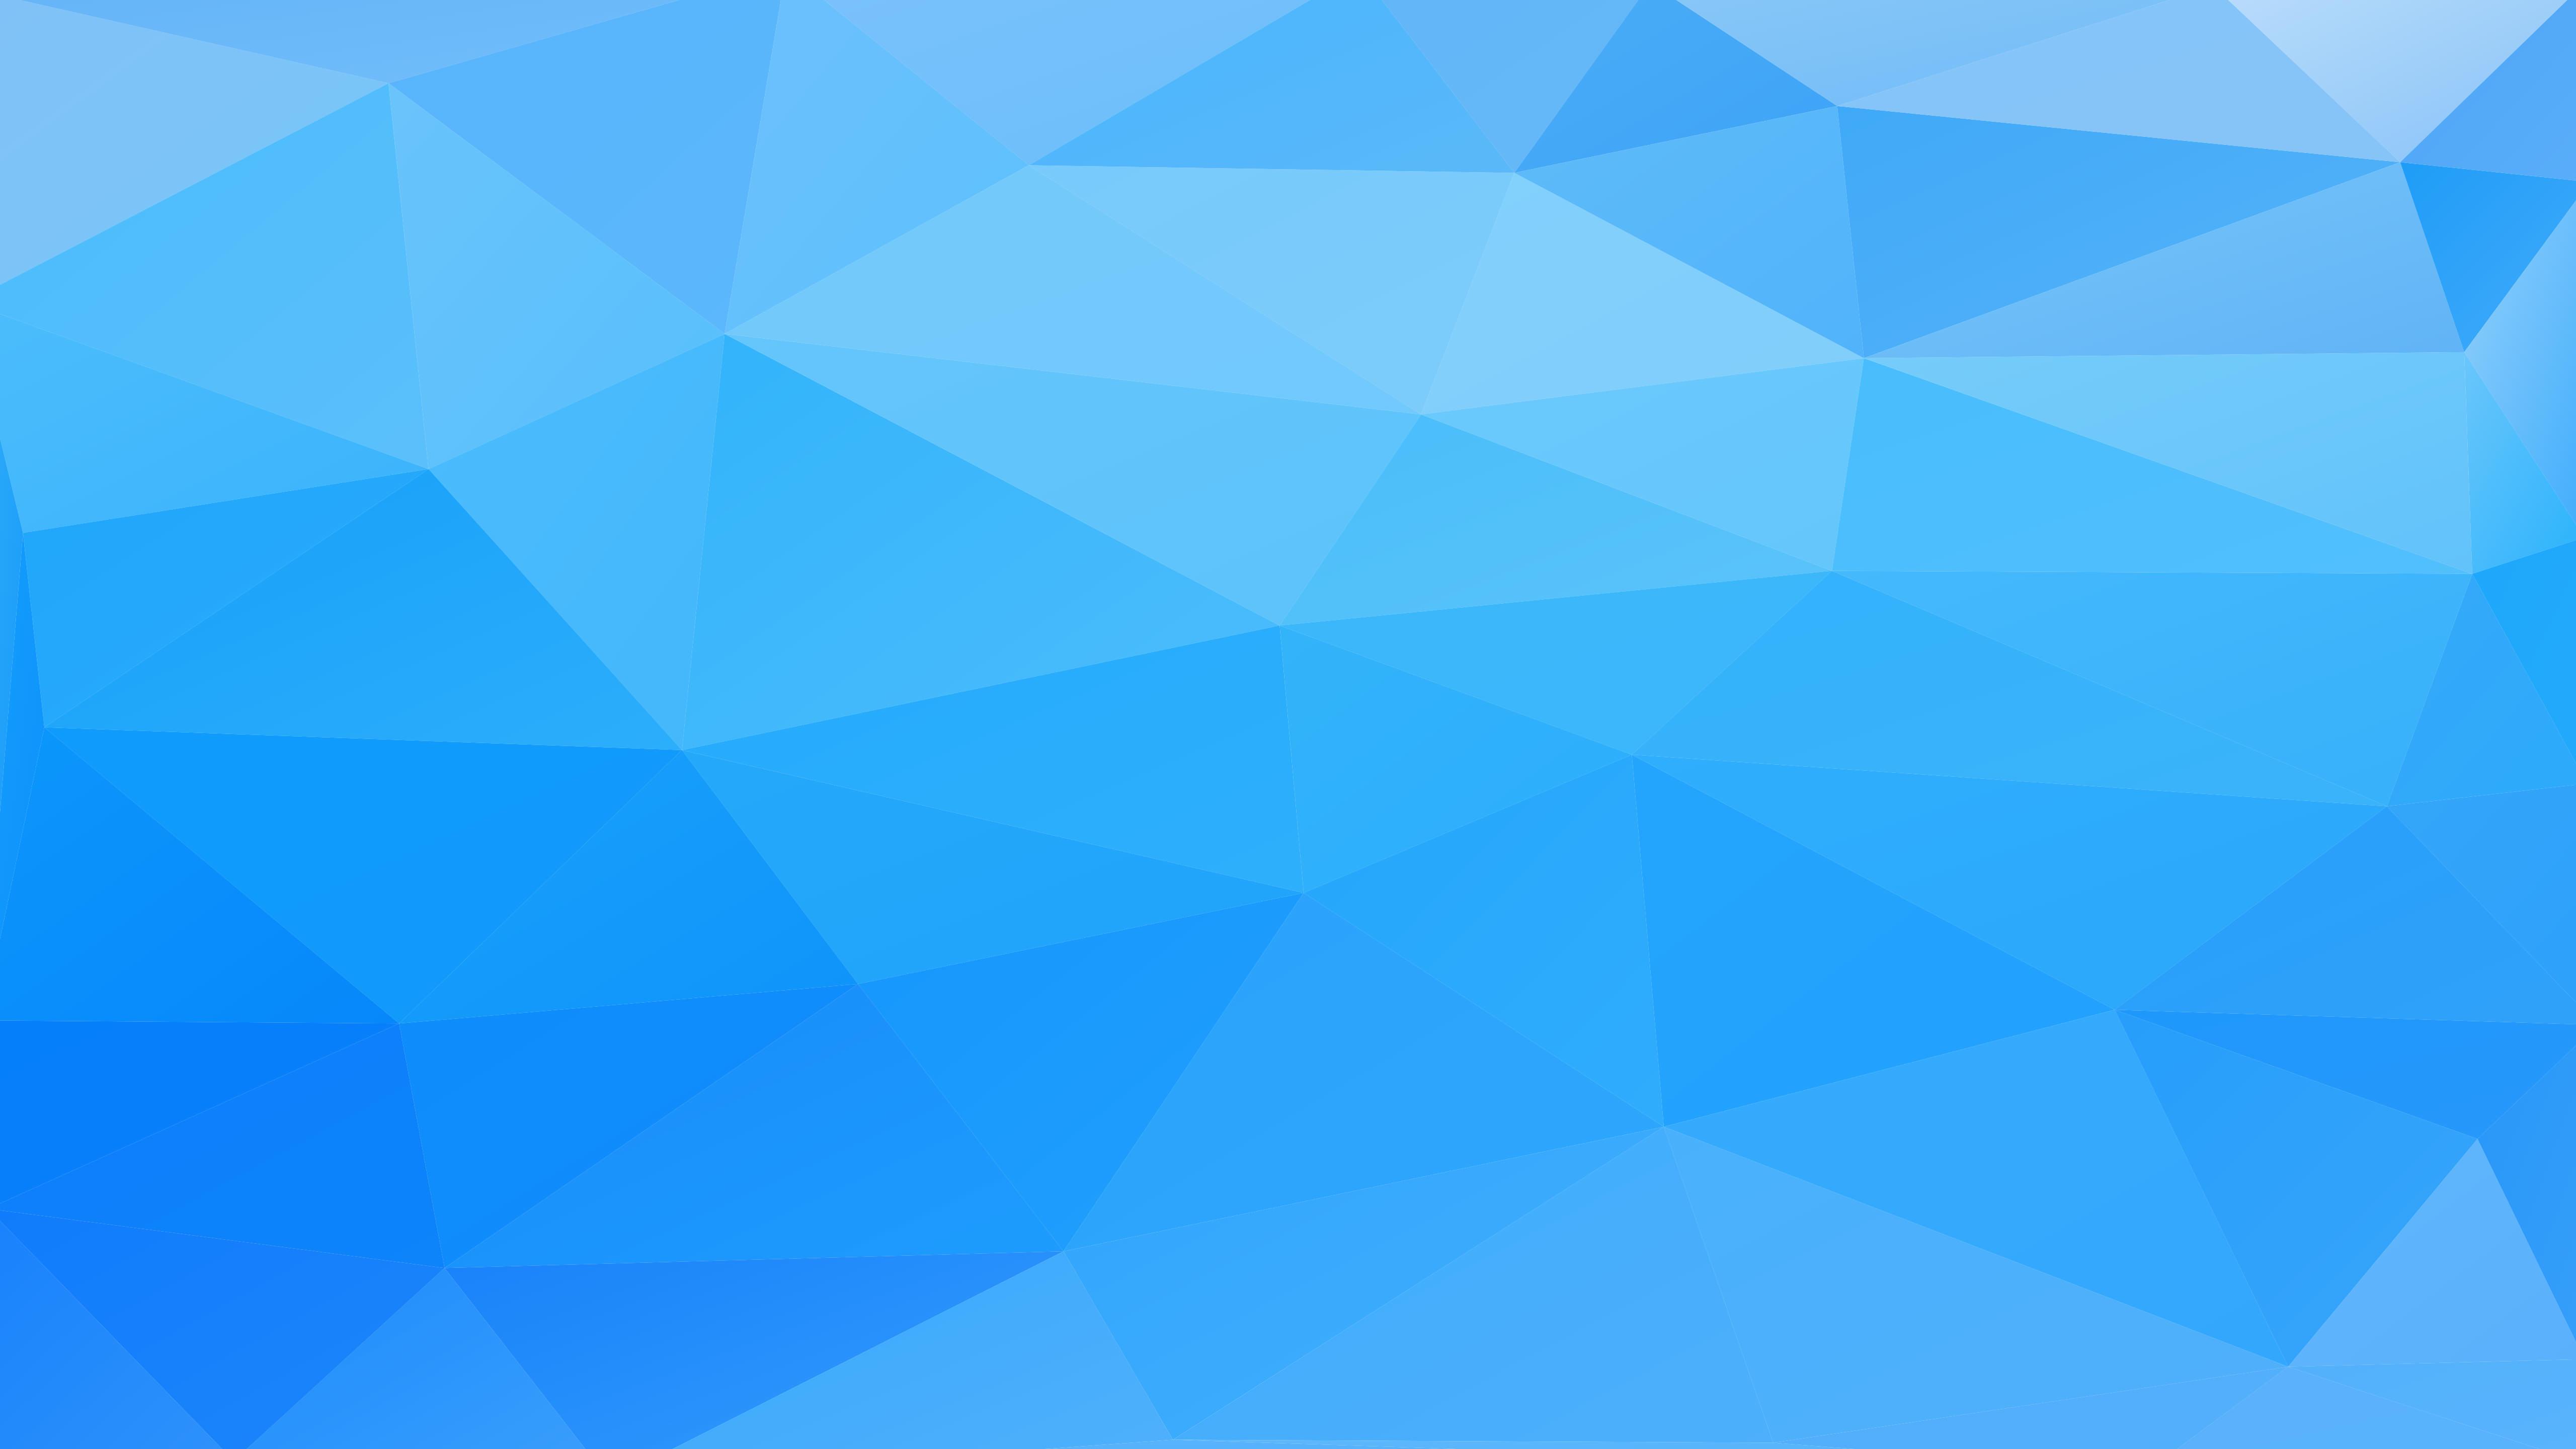 desktop wallpaper wallpapersc pcmac5k4k - photo #16